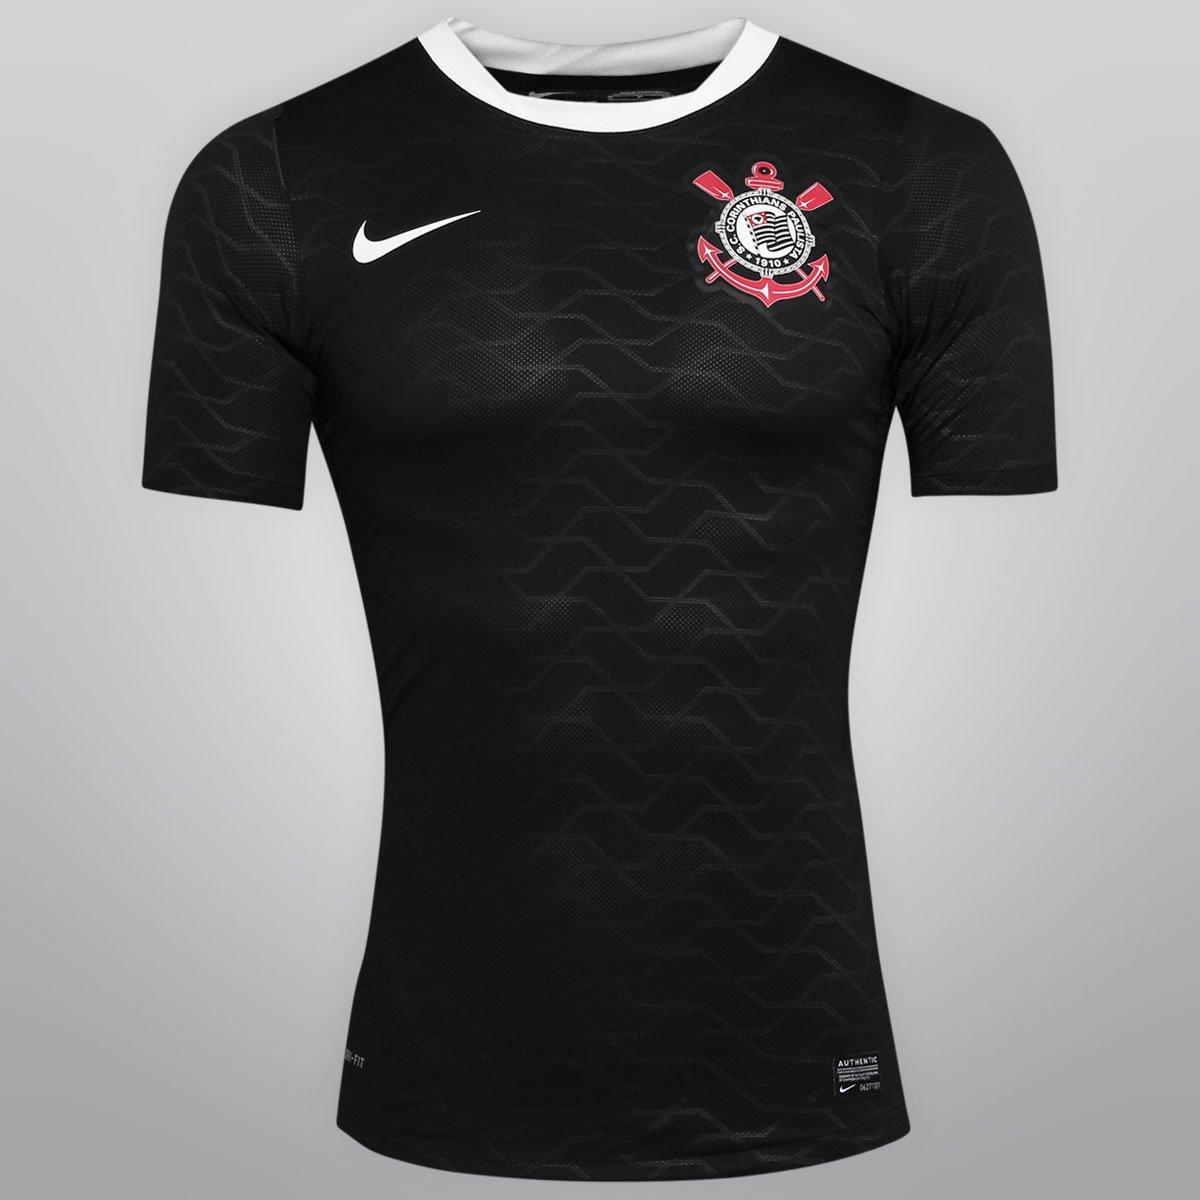 e1b416fa2cbd3 Camisa Nike Corinthians II 12 13 s nº - Jogador - Compre Agora ...